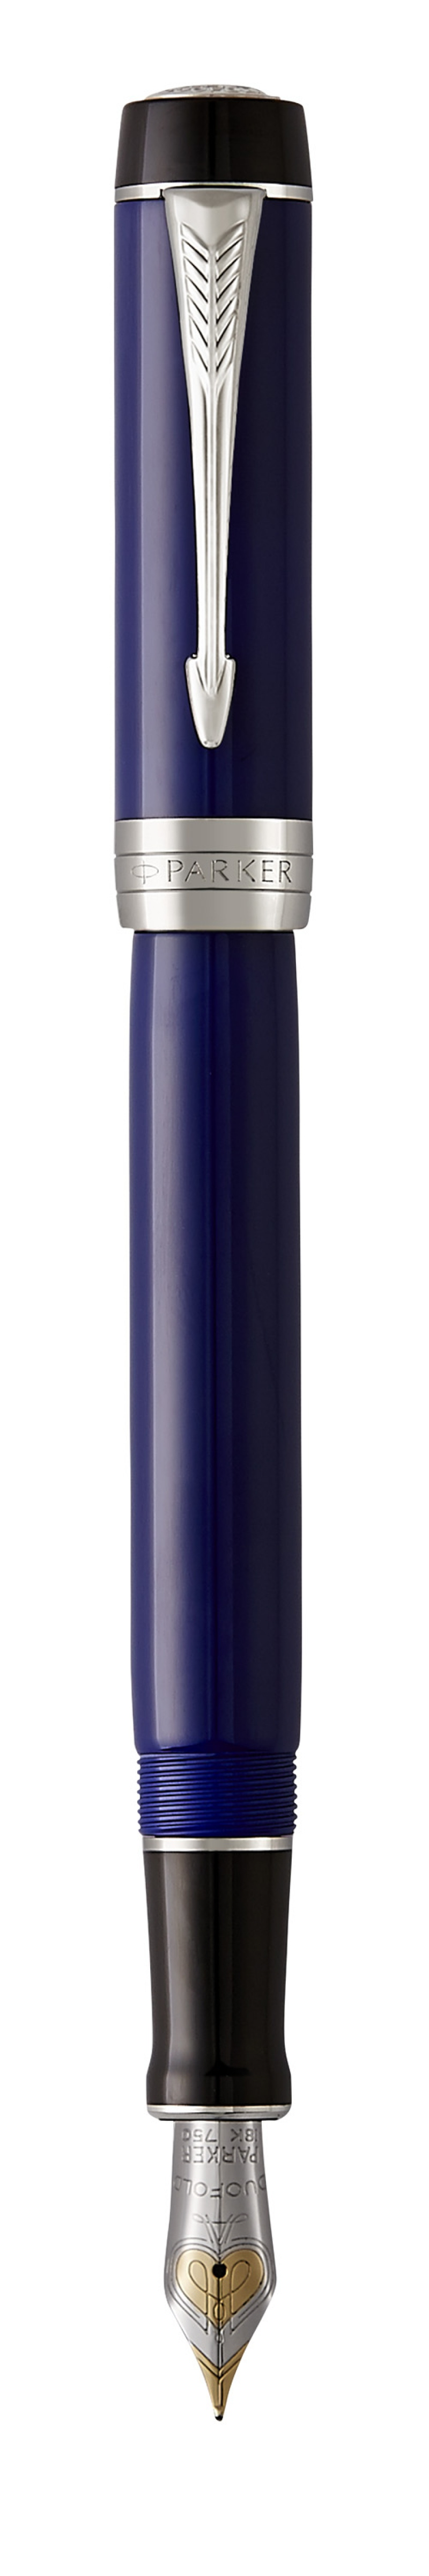 Pióro Wieczne DUOFOLD BLUE & BLACK CT, Pióra wieczne, Artykuły do pisania i korygowania